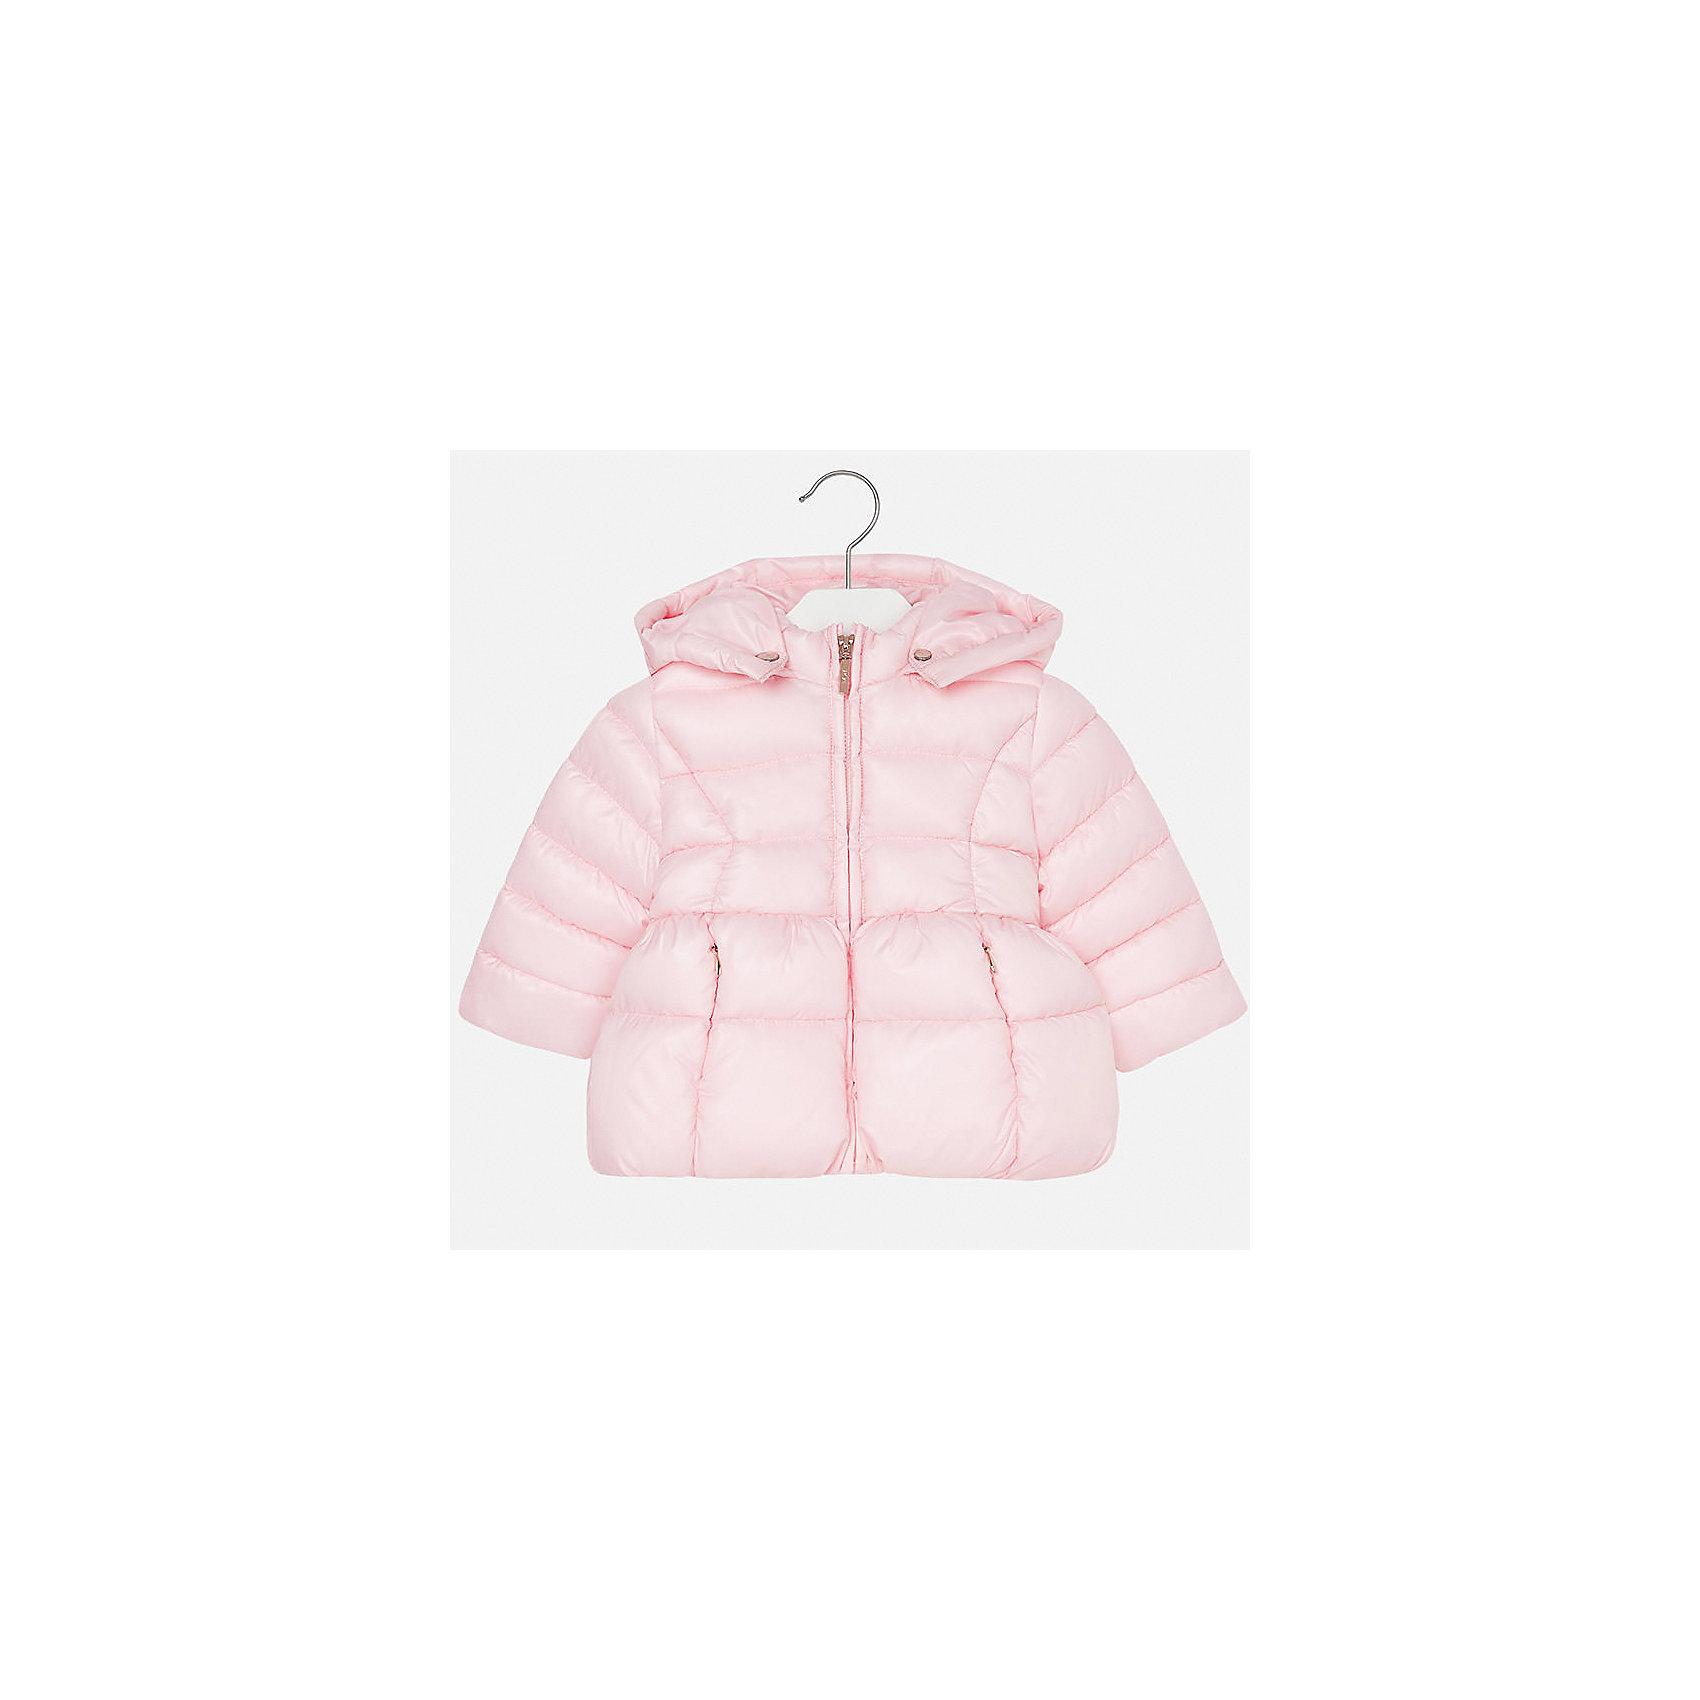 Куртка для девочки MayoralДемисезонные куртки<br>Характеристики товара:<br><br>• цвет: розовый<br>• состав ткани: 100% полиэстер<br>• подкладка: 100% полиэстер<br>• утеплитель: 100% полиэстер<br>• сезон: демисезон<br>• температурный режим: от -10 до +10<br>• особенности куртки: дутая, с капюшоном<br>• капюшон: съемный, с рюшами<br>• застежка: молния<br>• страна бренда: Испания<br>• страна изготовитель: Индия<br><br>Такая утепленная демисезонная детская куртка подойдет для переменной погоды. Отличный способ обеспечить ребенку комфорт - надеть теплую куртку от Mayoral. Детская куртка сшита из легкого материала. Куртка для девочки Mayoral дополнена теплой подкладкой. <br><br>Куртку для девочки Mayoral (Майорал) можно купить в нашем интернет-магазине.<br><br>Ширина мм: 356<br>Глубина мм: 10<br>Высота мм: 245<br>Вес г: 519<br>Цвет: блекло-розовый<br>Возраст от месяцев: 24<br>Возраст до месяцев: 36<br>Пол: Женский<br>Возраст: Детский<br>Размер: 98,80,86,92<br>SKU: 6920074